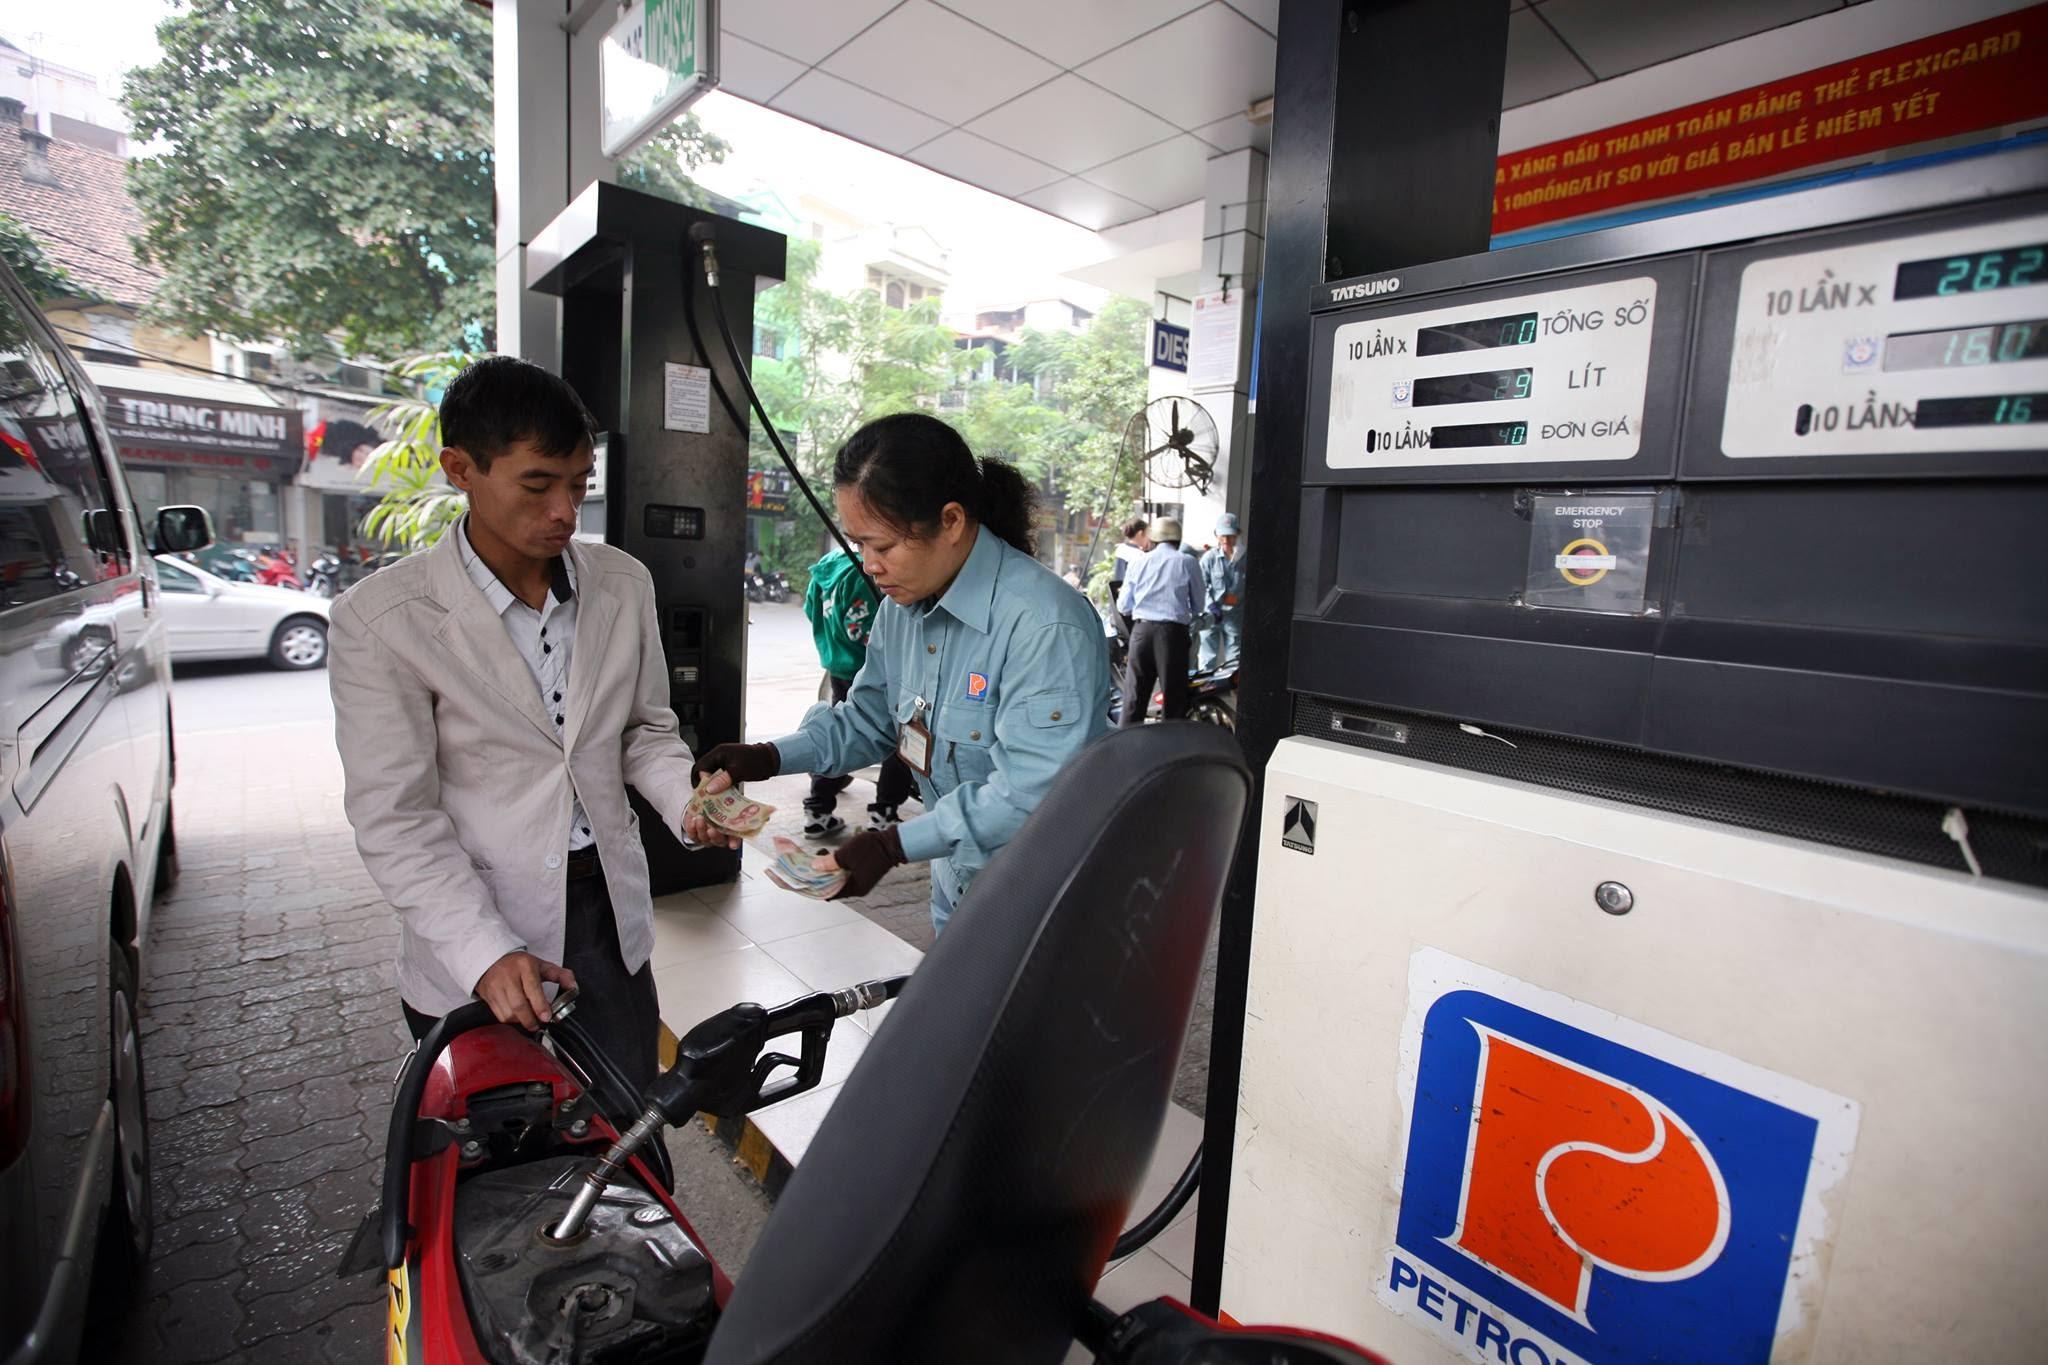 Đầu năm Mật Tuất, giá xăng dầu có biến động bất ngờ